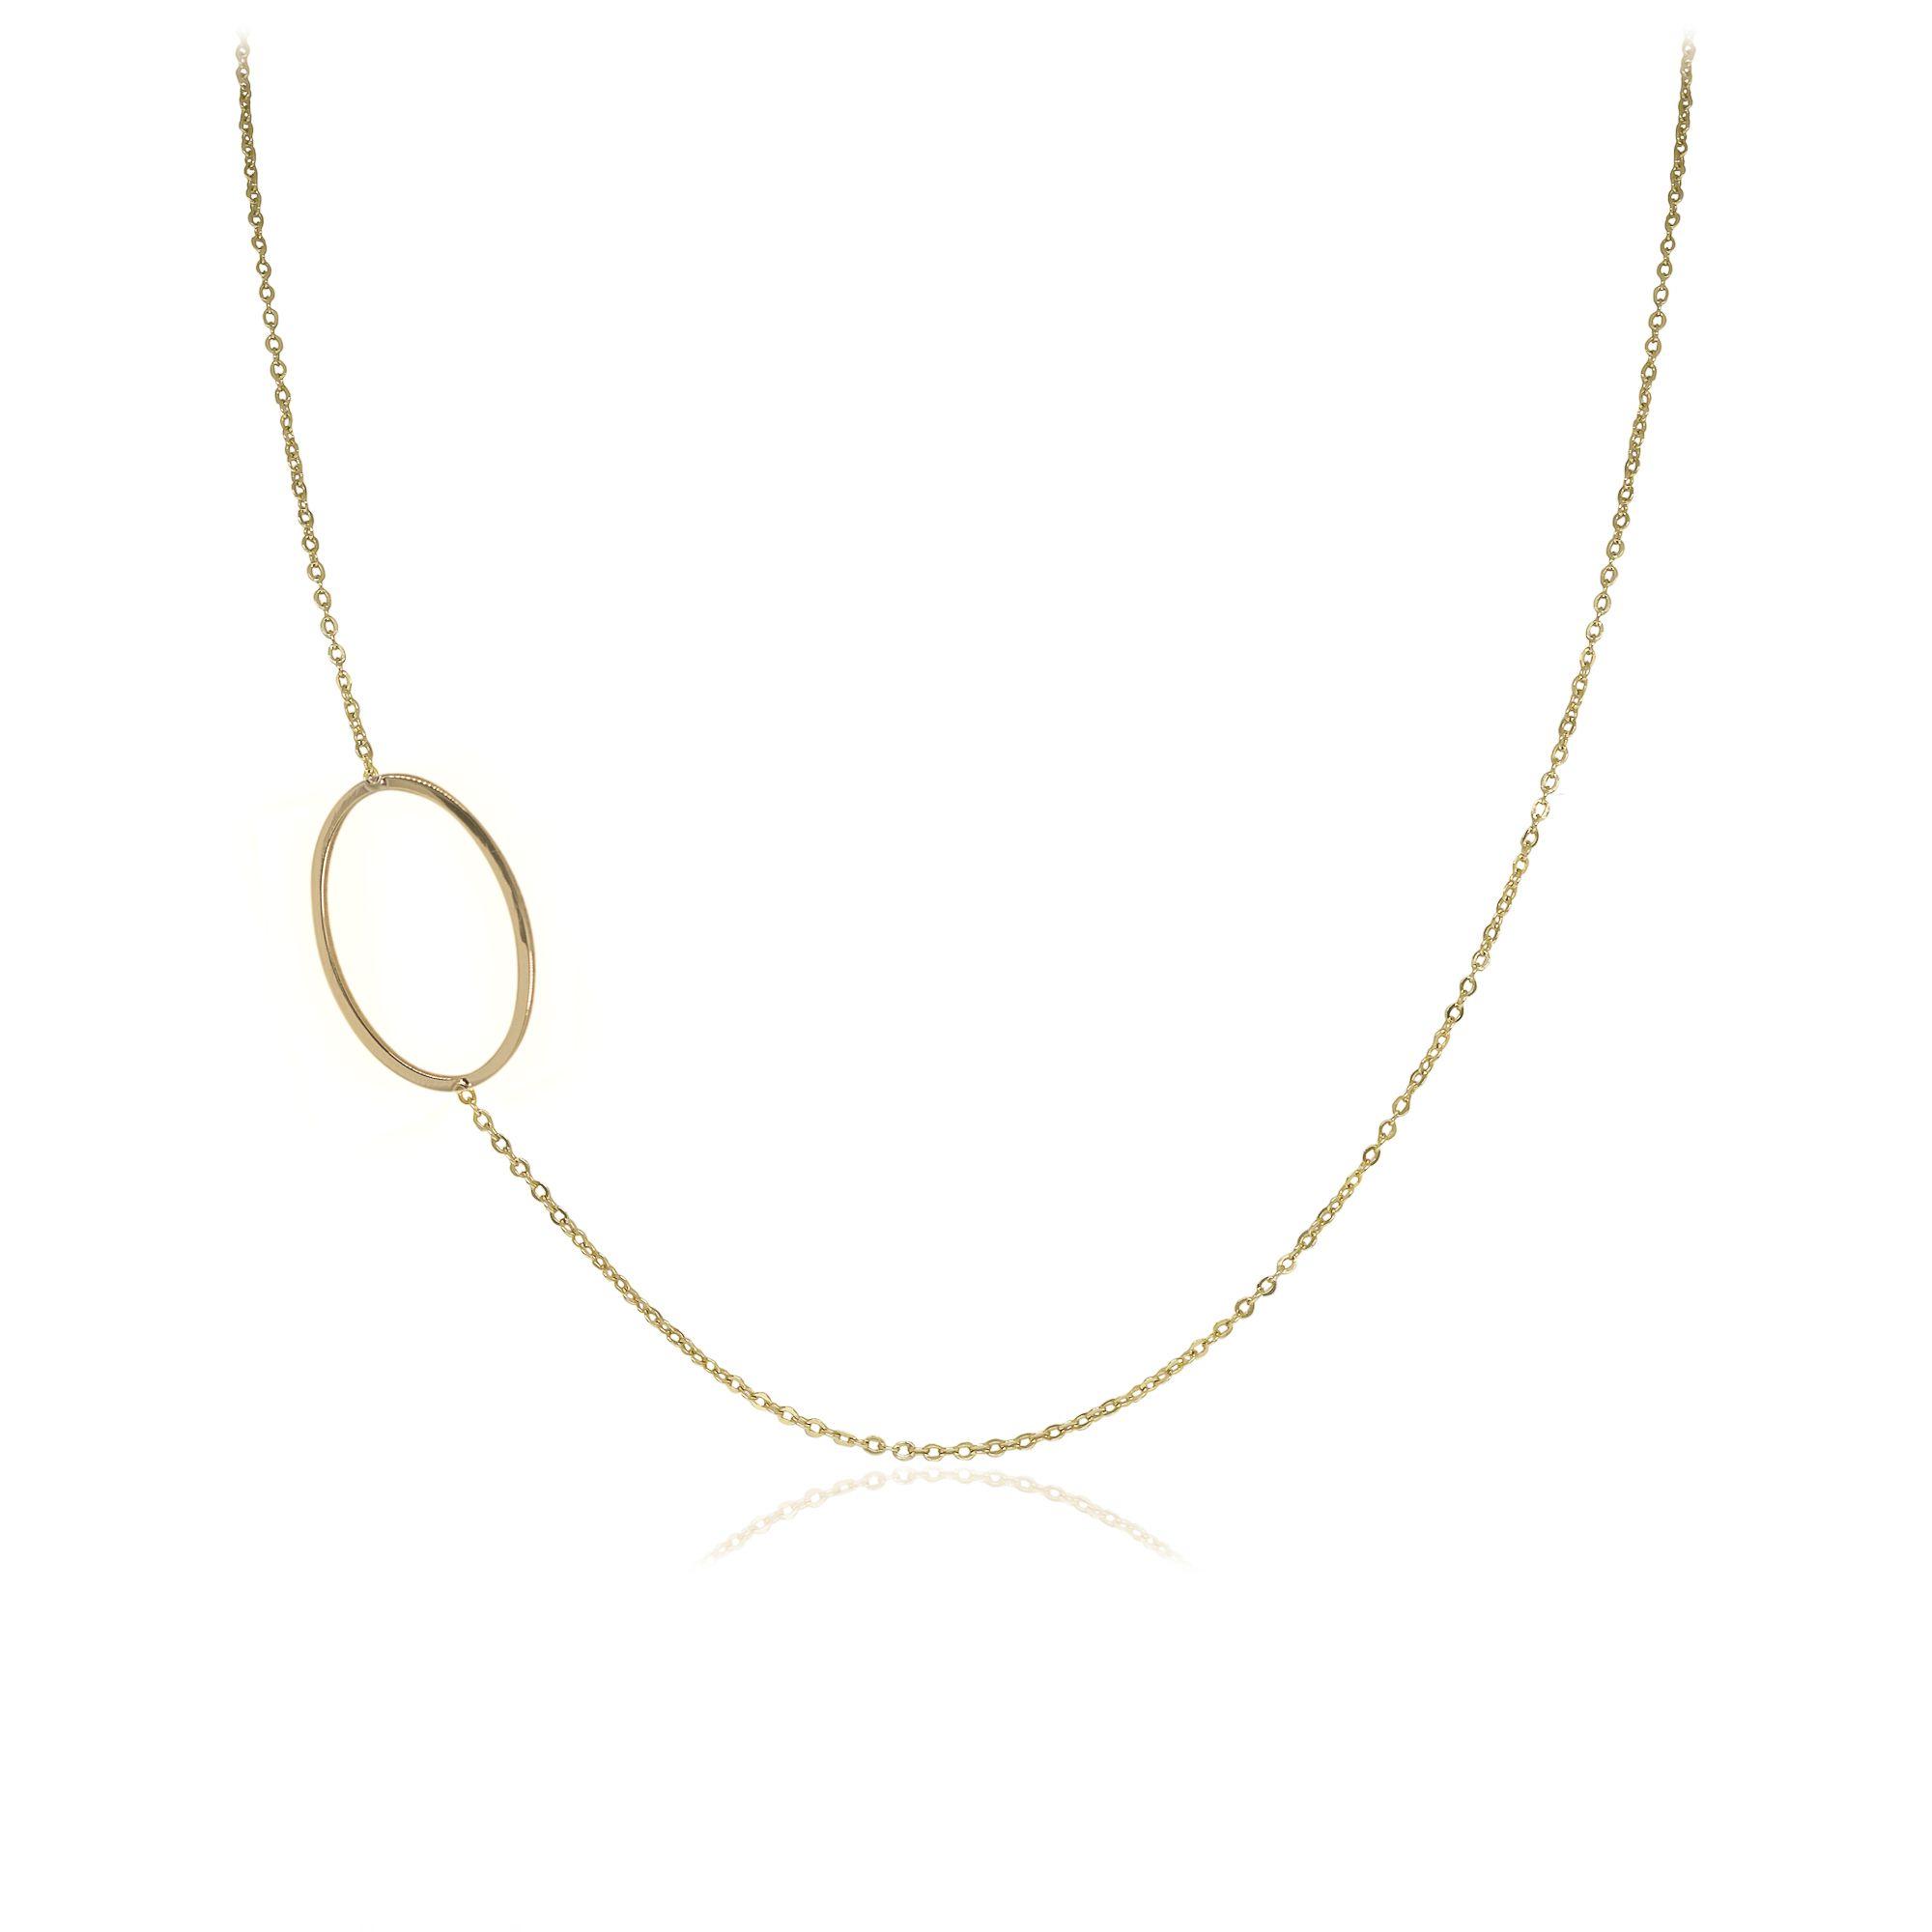 Colar semijoia com detalhe Oval vazado folheado a ouro 18k ou rhodium em estilo minimalista